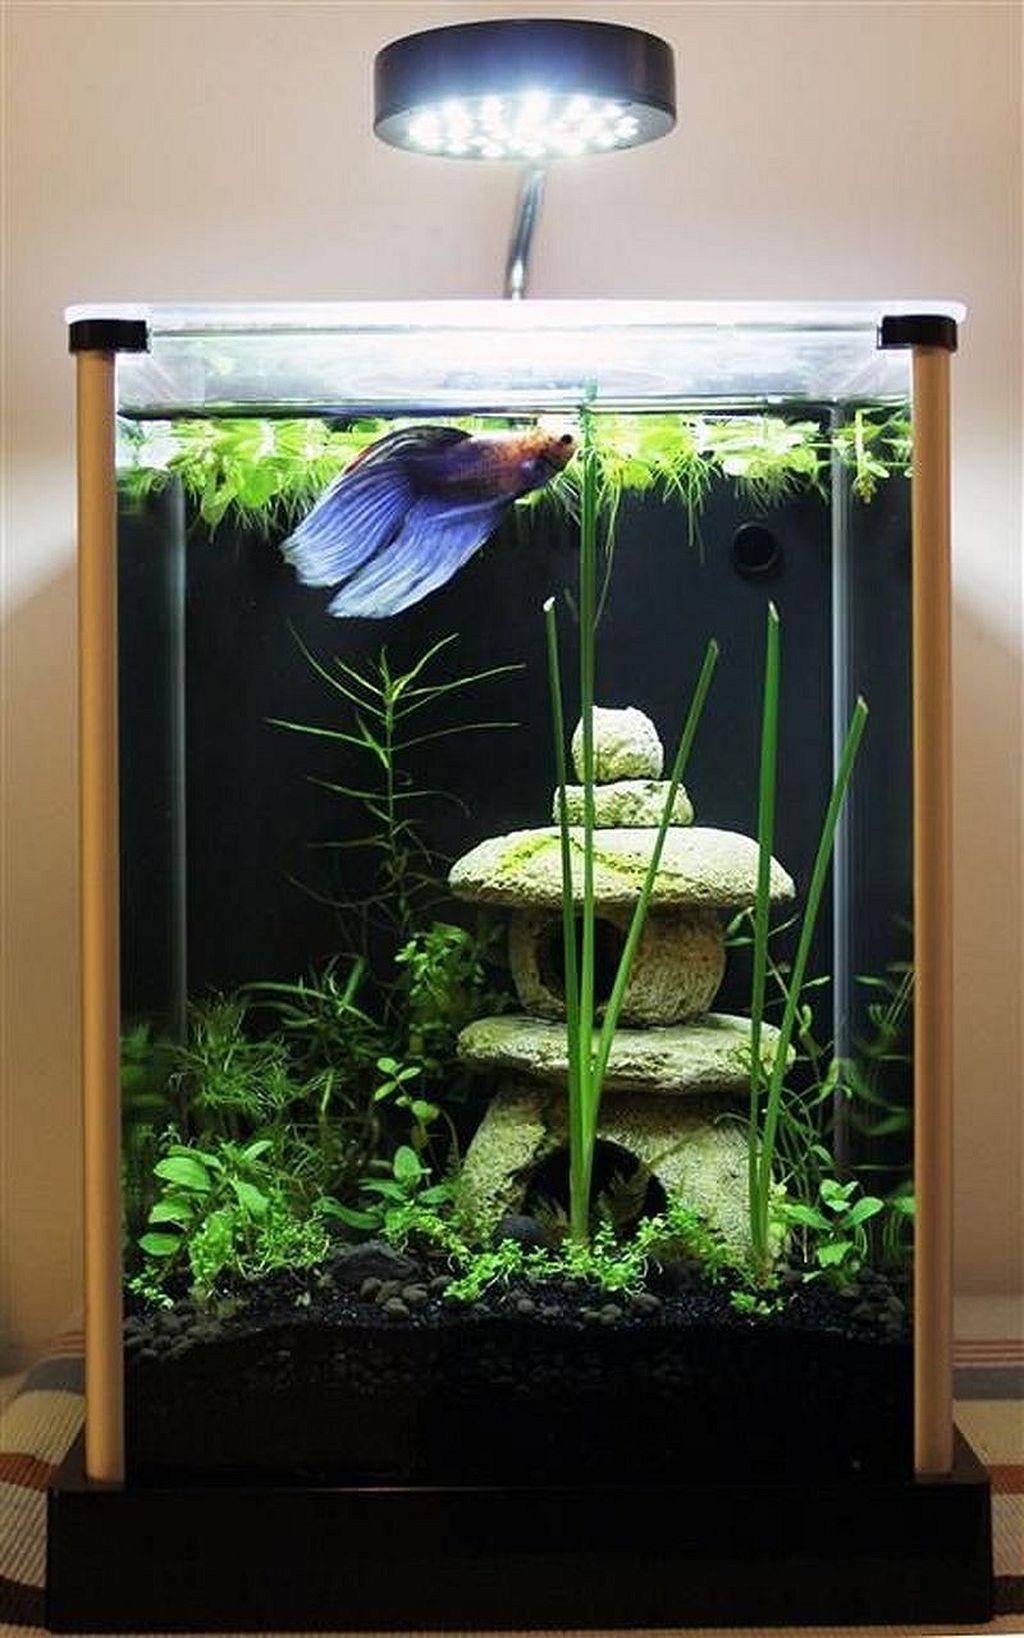 Stunning Aquarium Design Ideas For Indoor Decorations15 Tropical Fish Tanks Betta Aquarium Aquarium Design